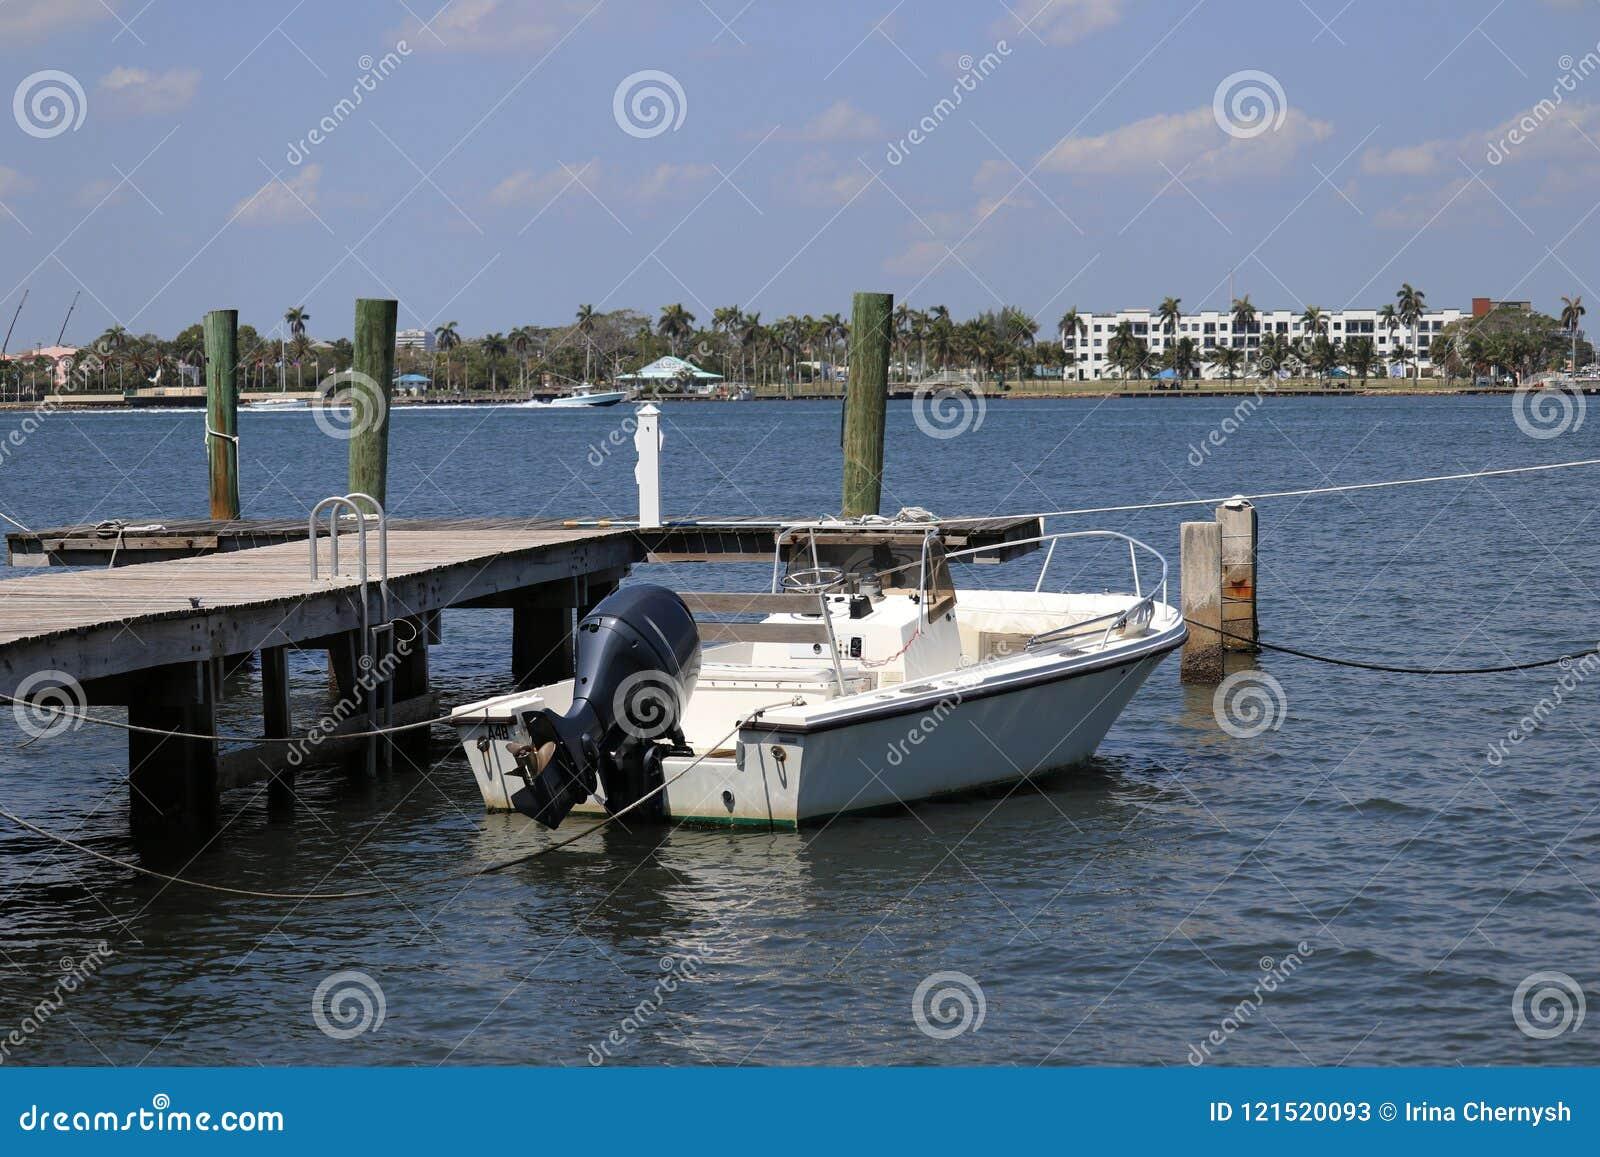 Белая шлюпка около частной пристани в Флориде в голубом море с голубым небом